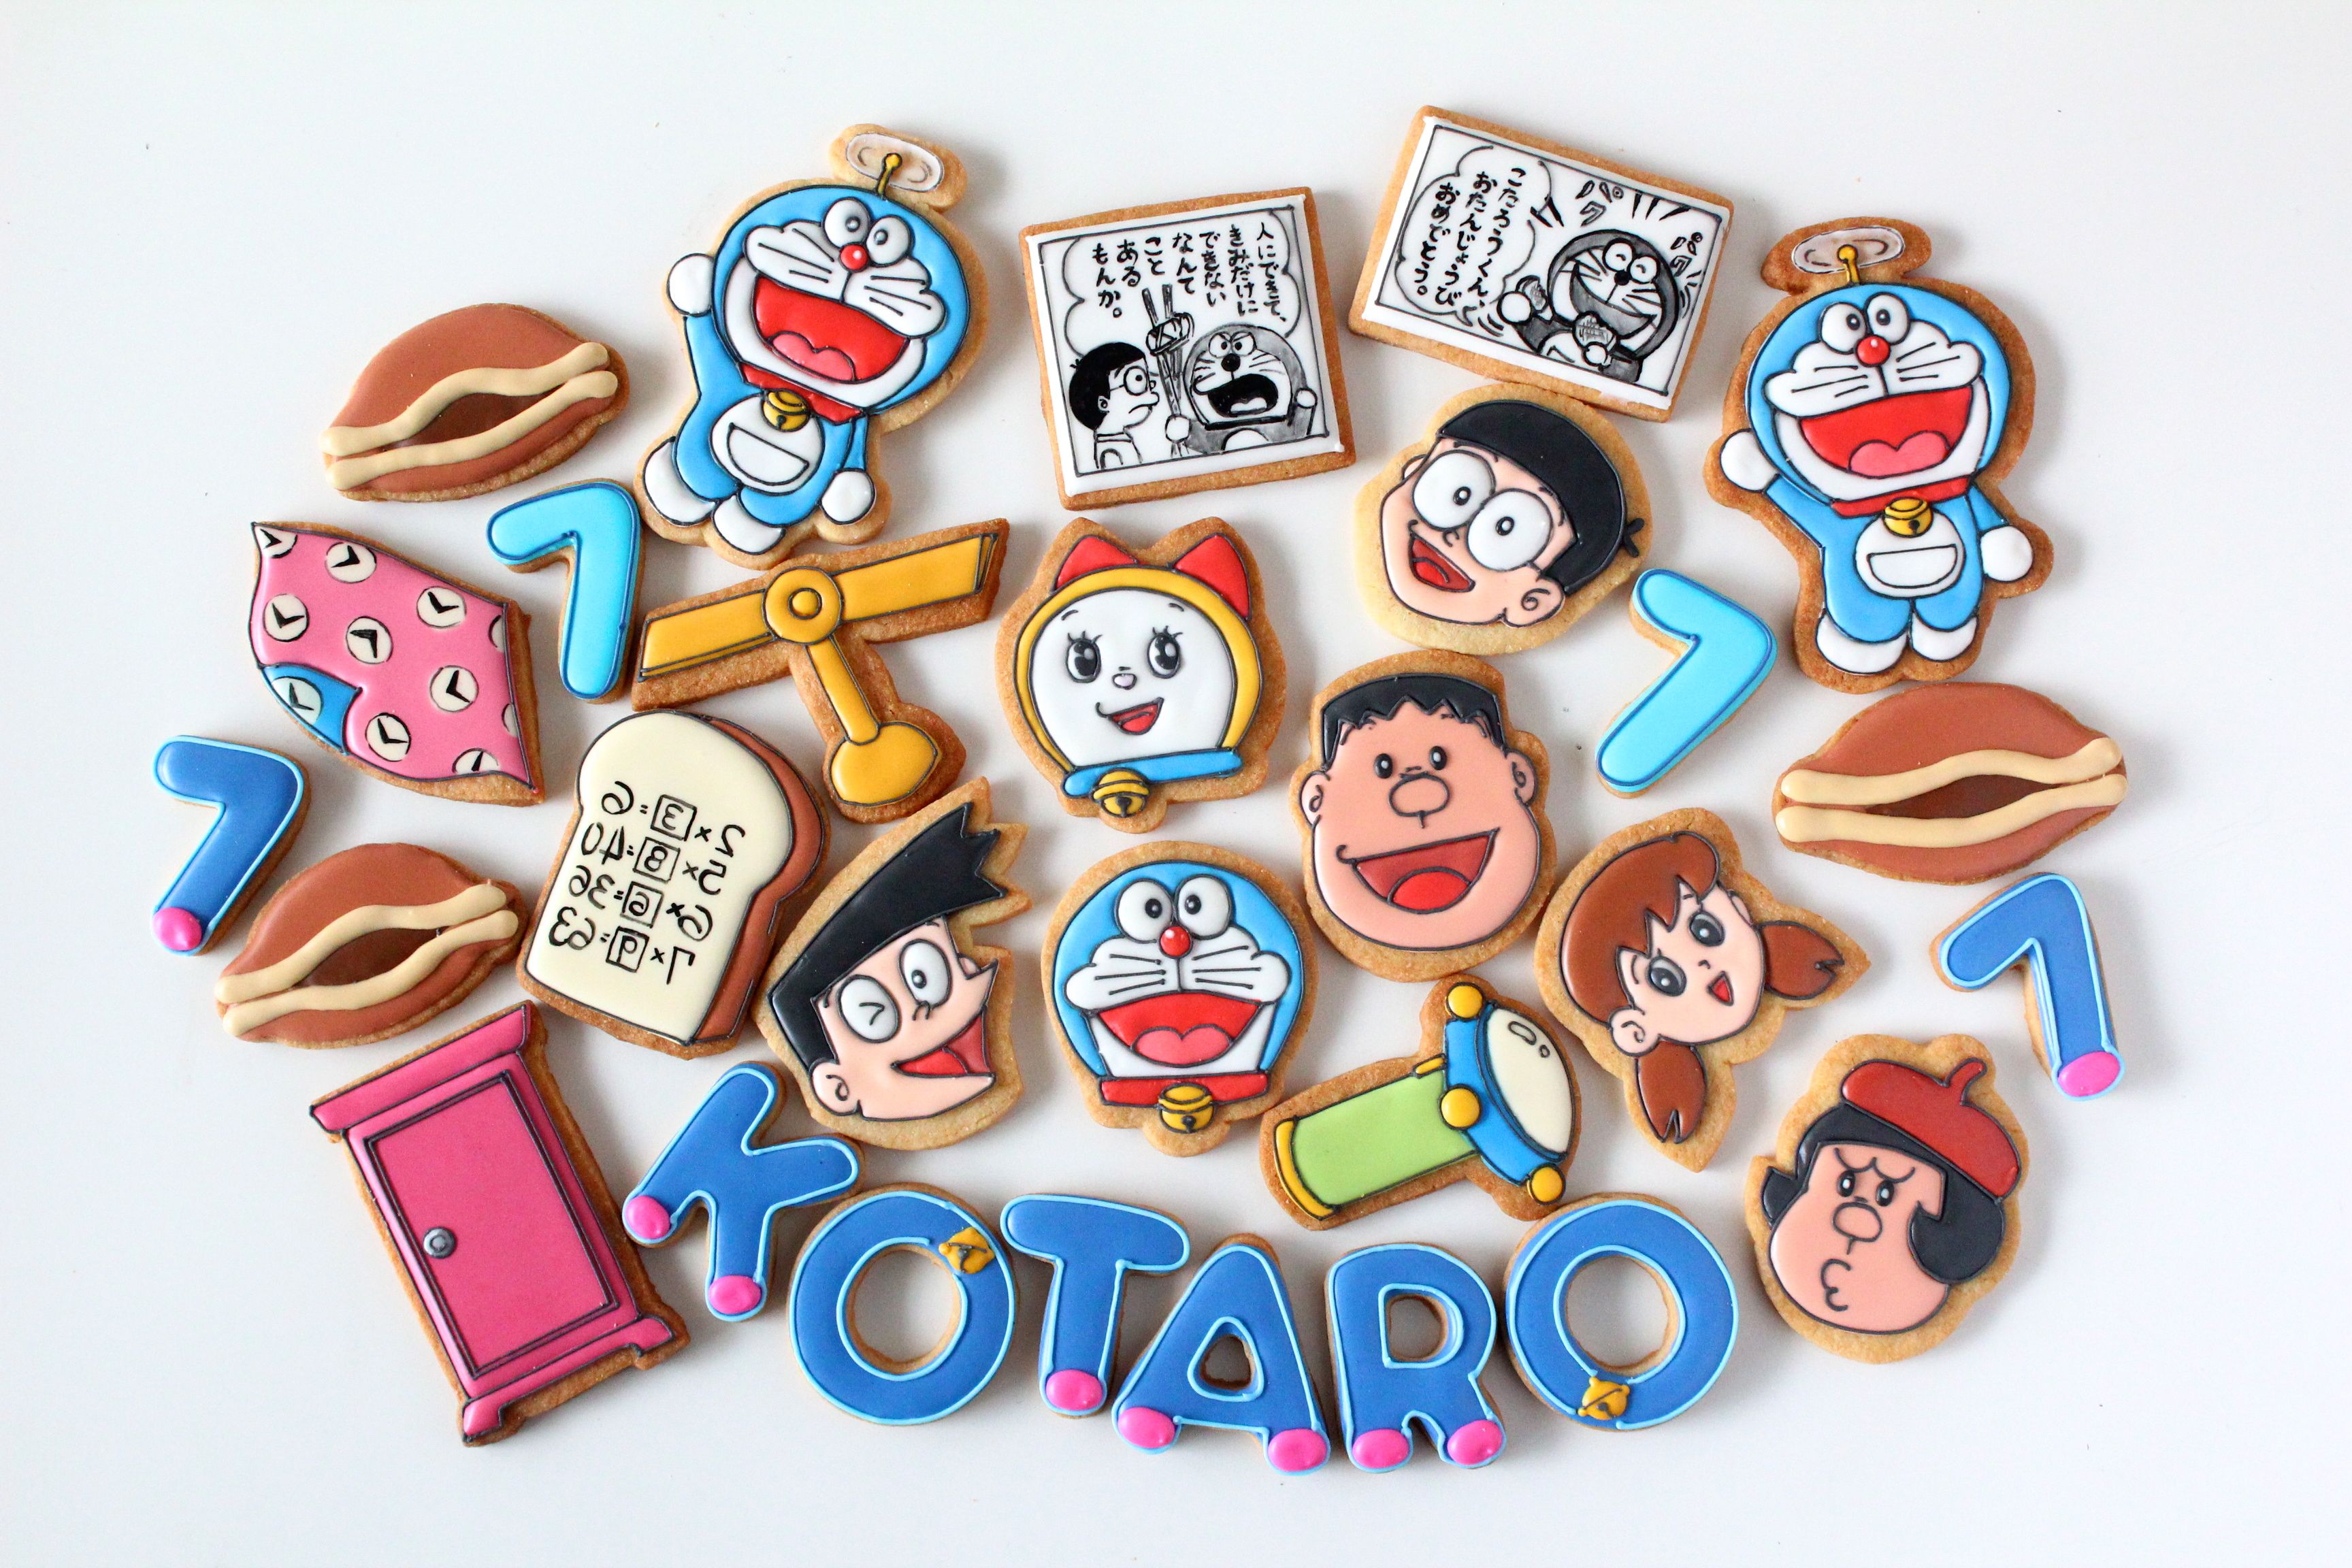 doraemon icing cookies ドラえもんのアイシングクッキー バースデークッキー 恐竜ケーキ デコレーションクッキー